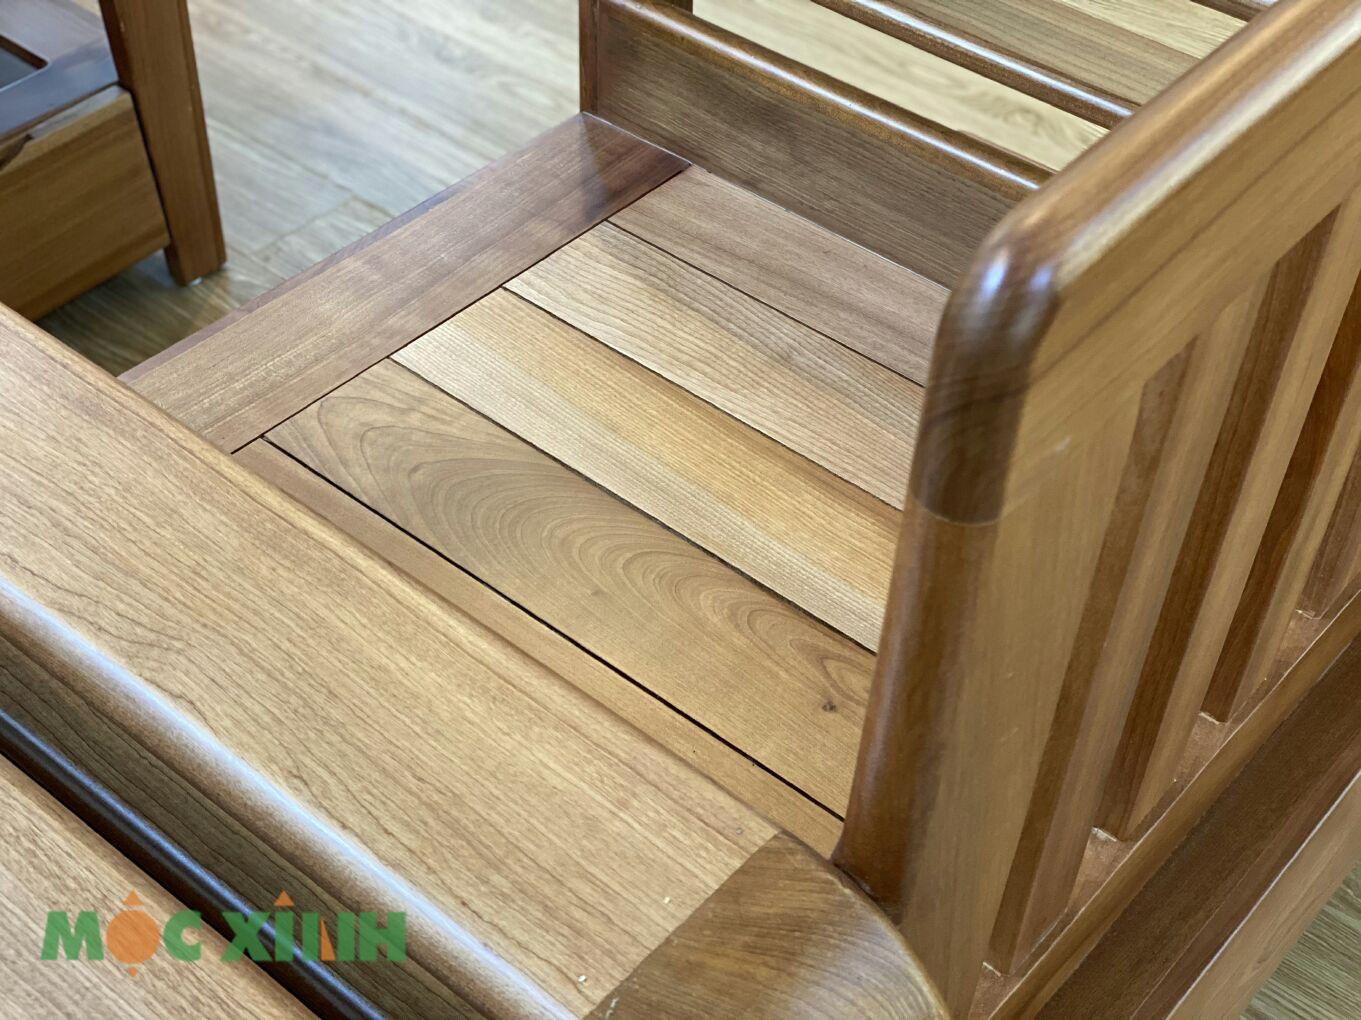 Các vân gỗ xoan có màu sắc nhẹ nhàng